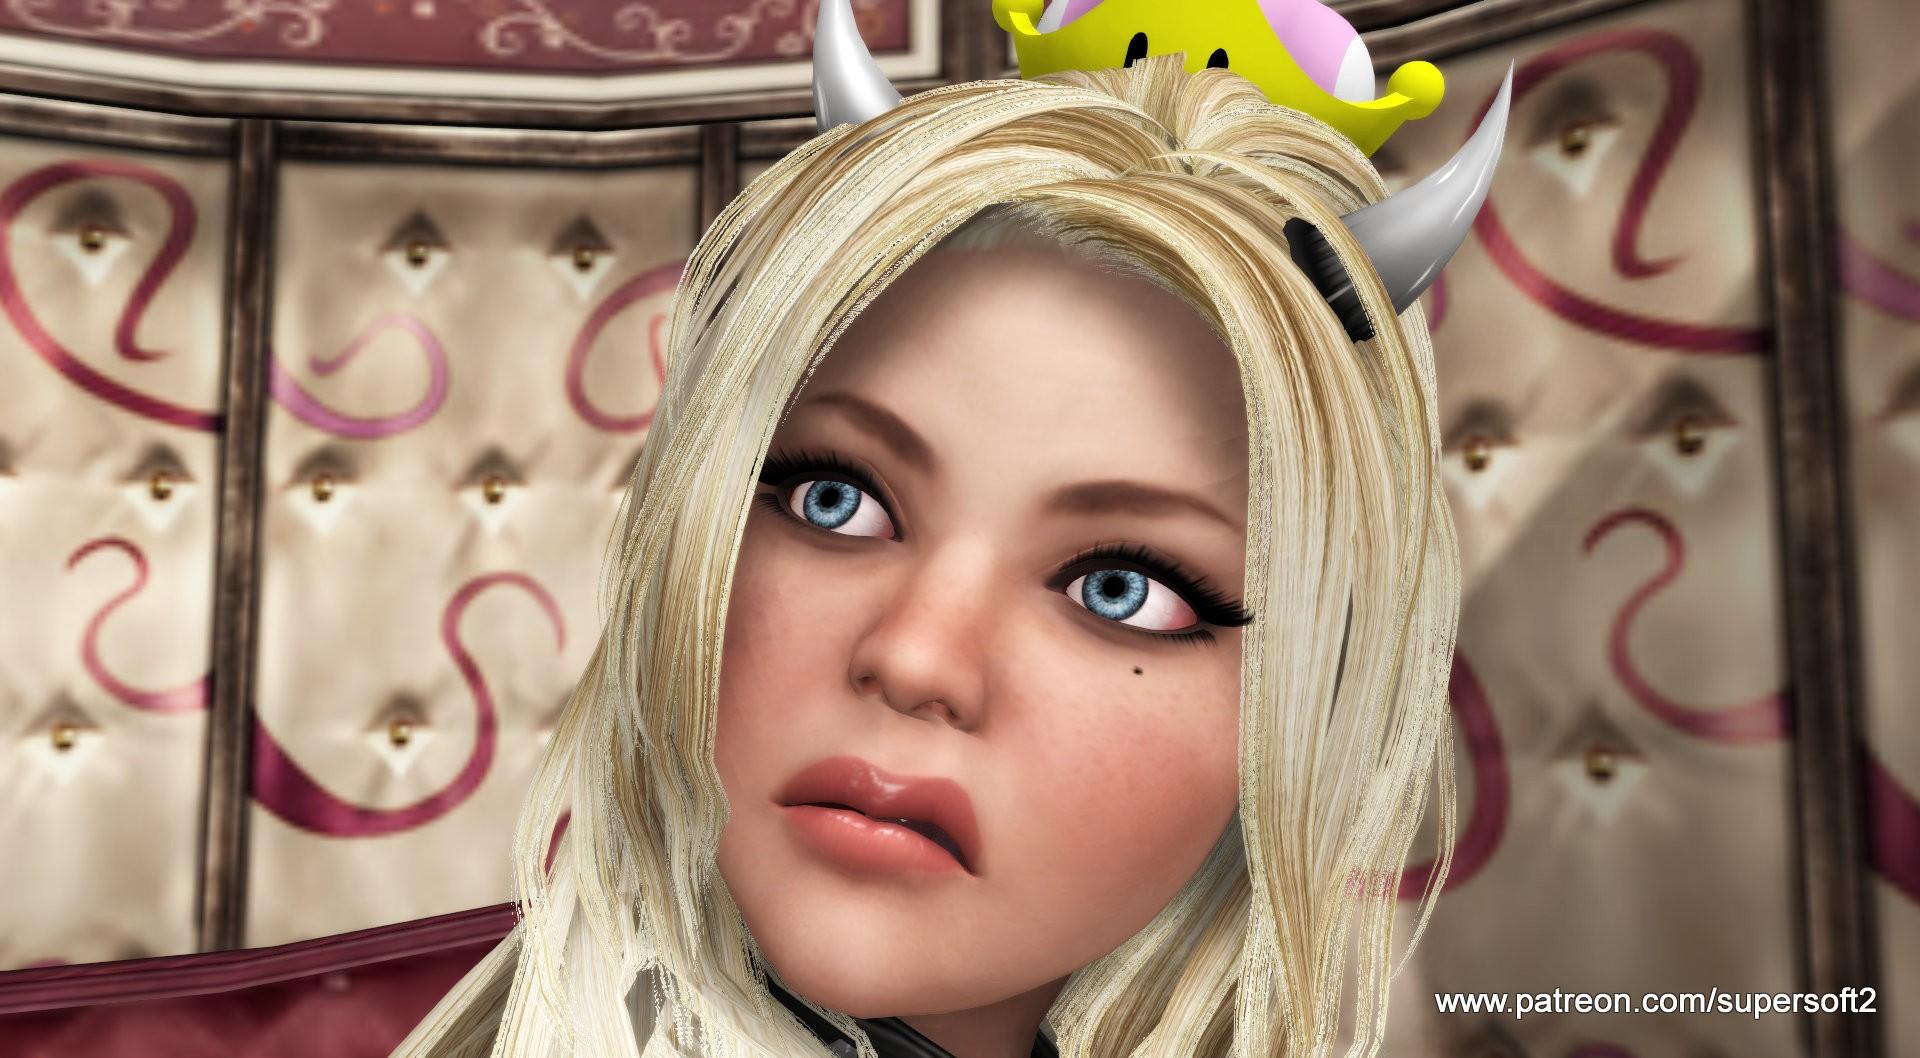 The Princess 32